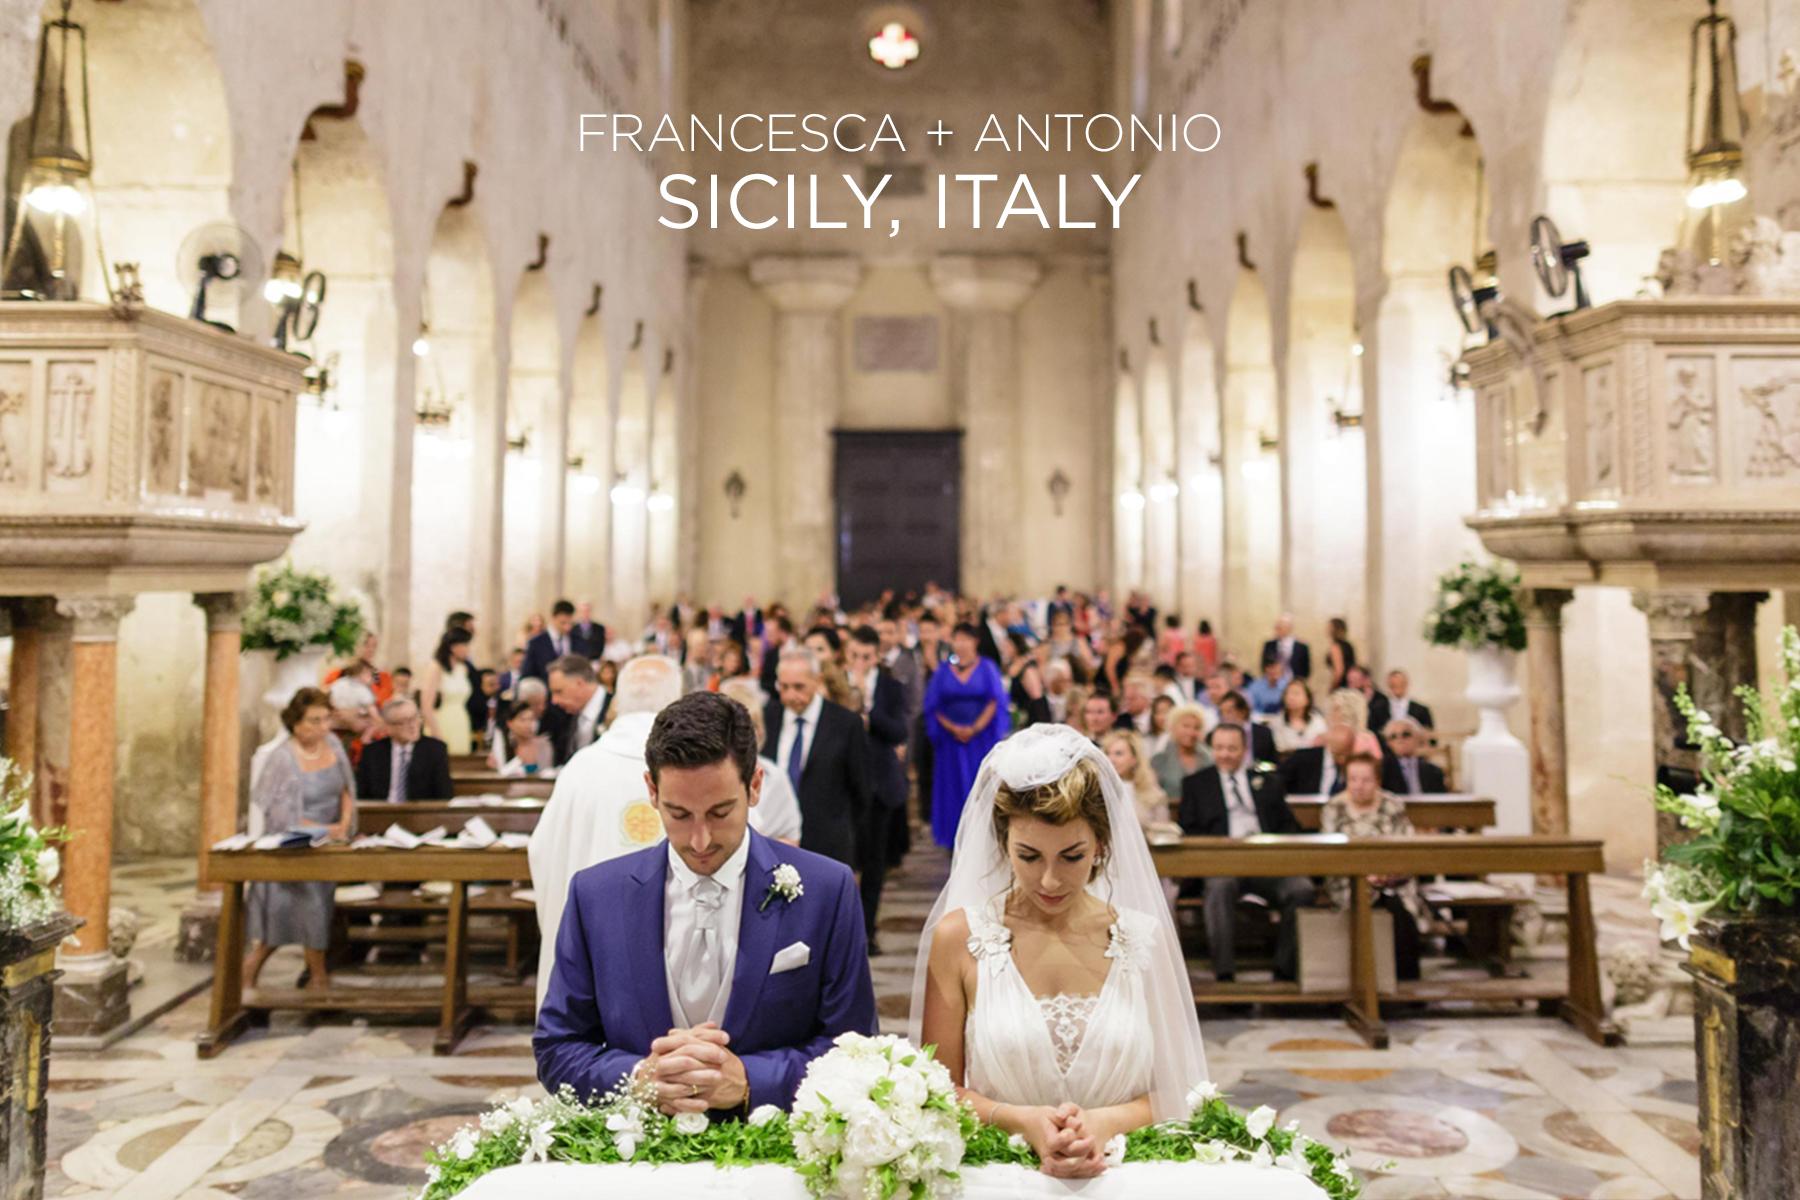 Francesca + Antonio